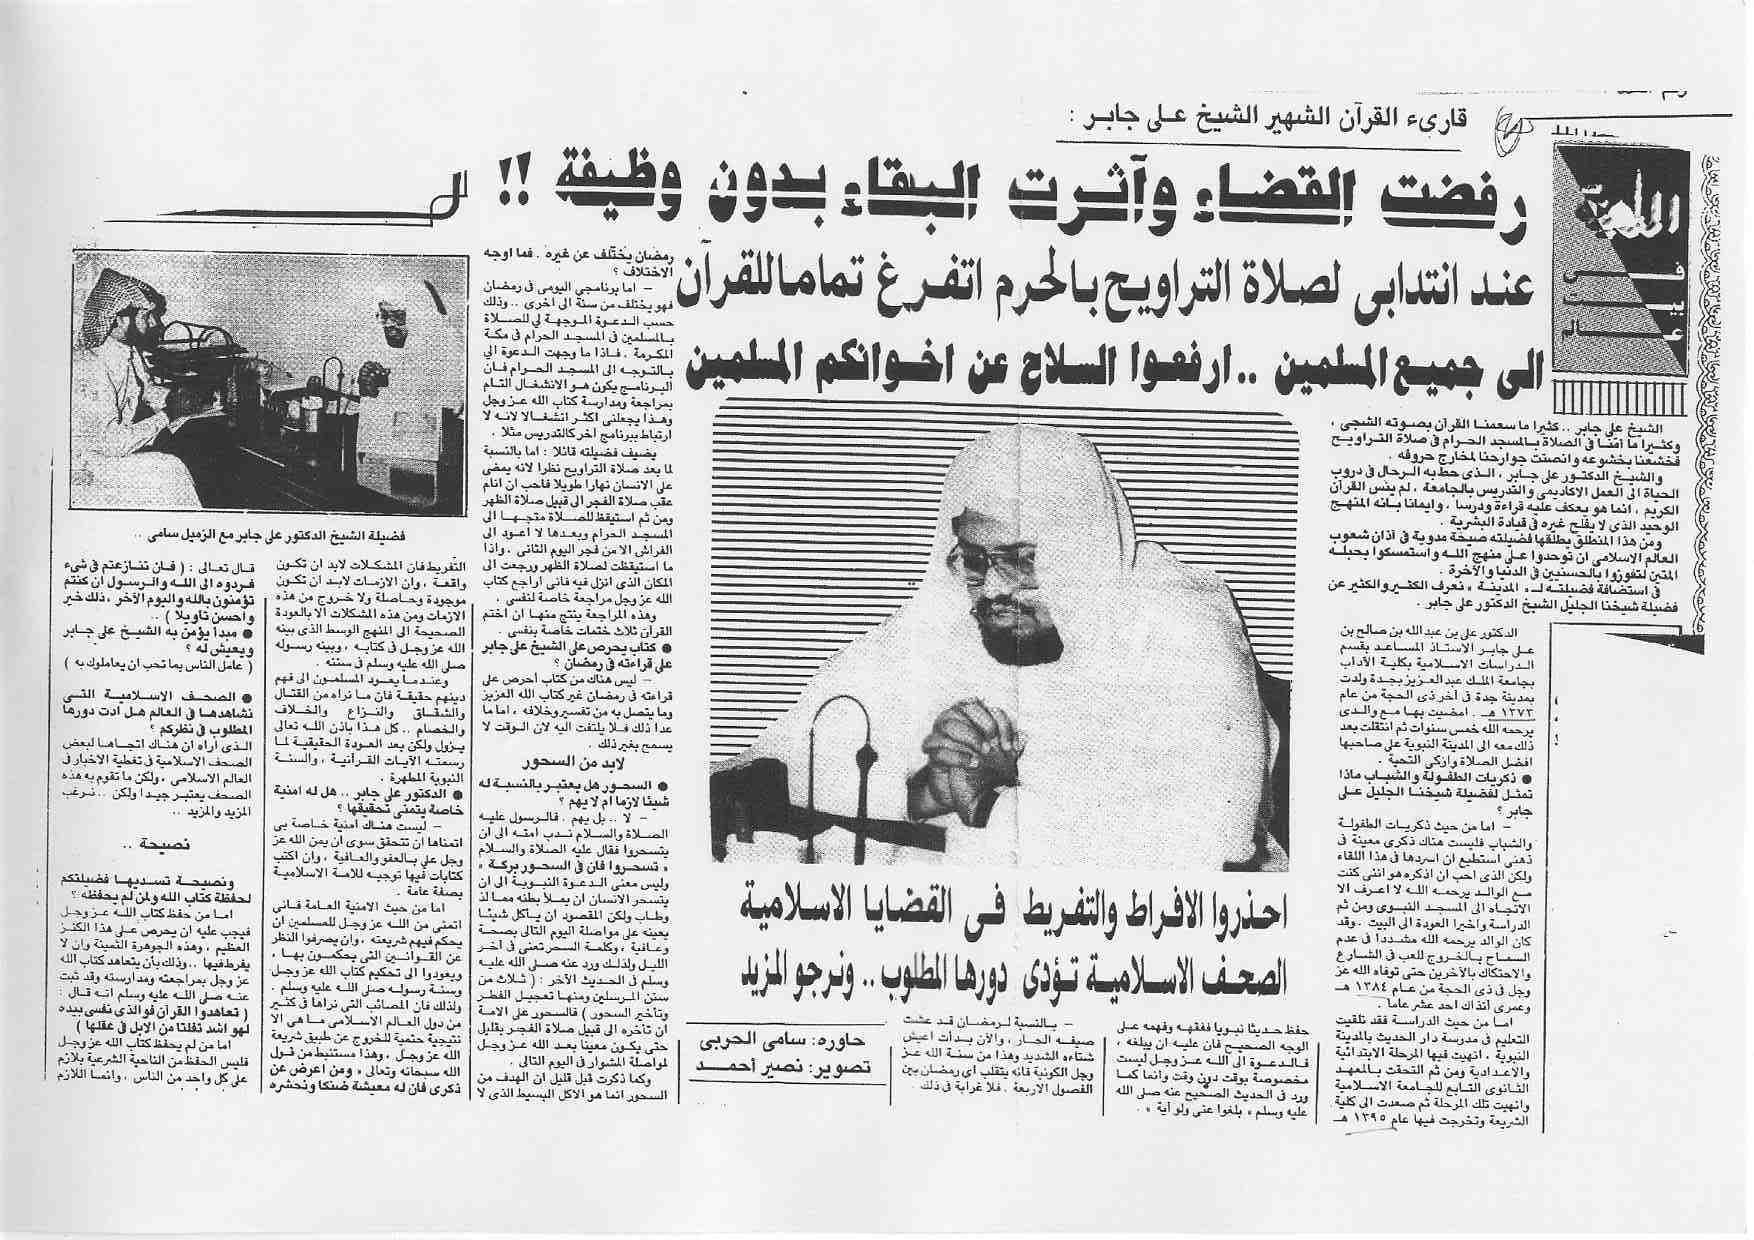 السيرة الذاتية لعلماء الاسلام موضوع متجدد 67